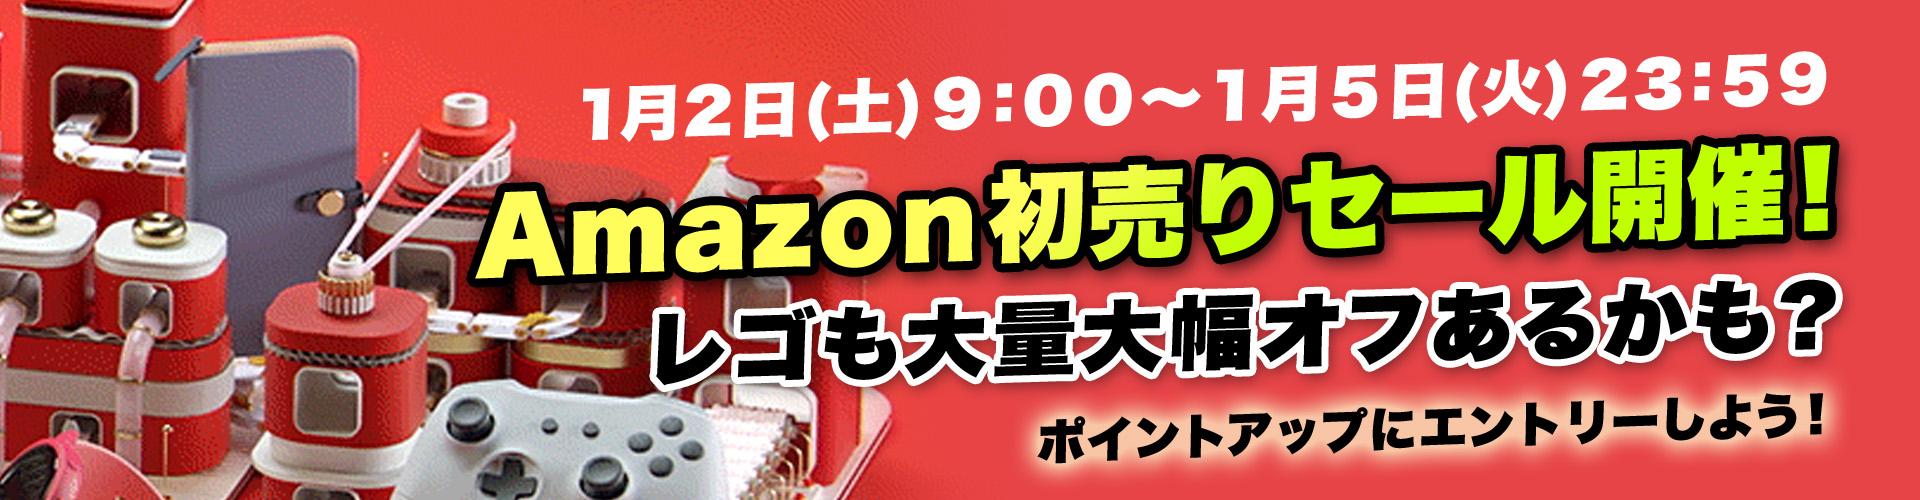 Amazonで1月2日(土)9時から1月5日(火)まで初売りセール開催